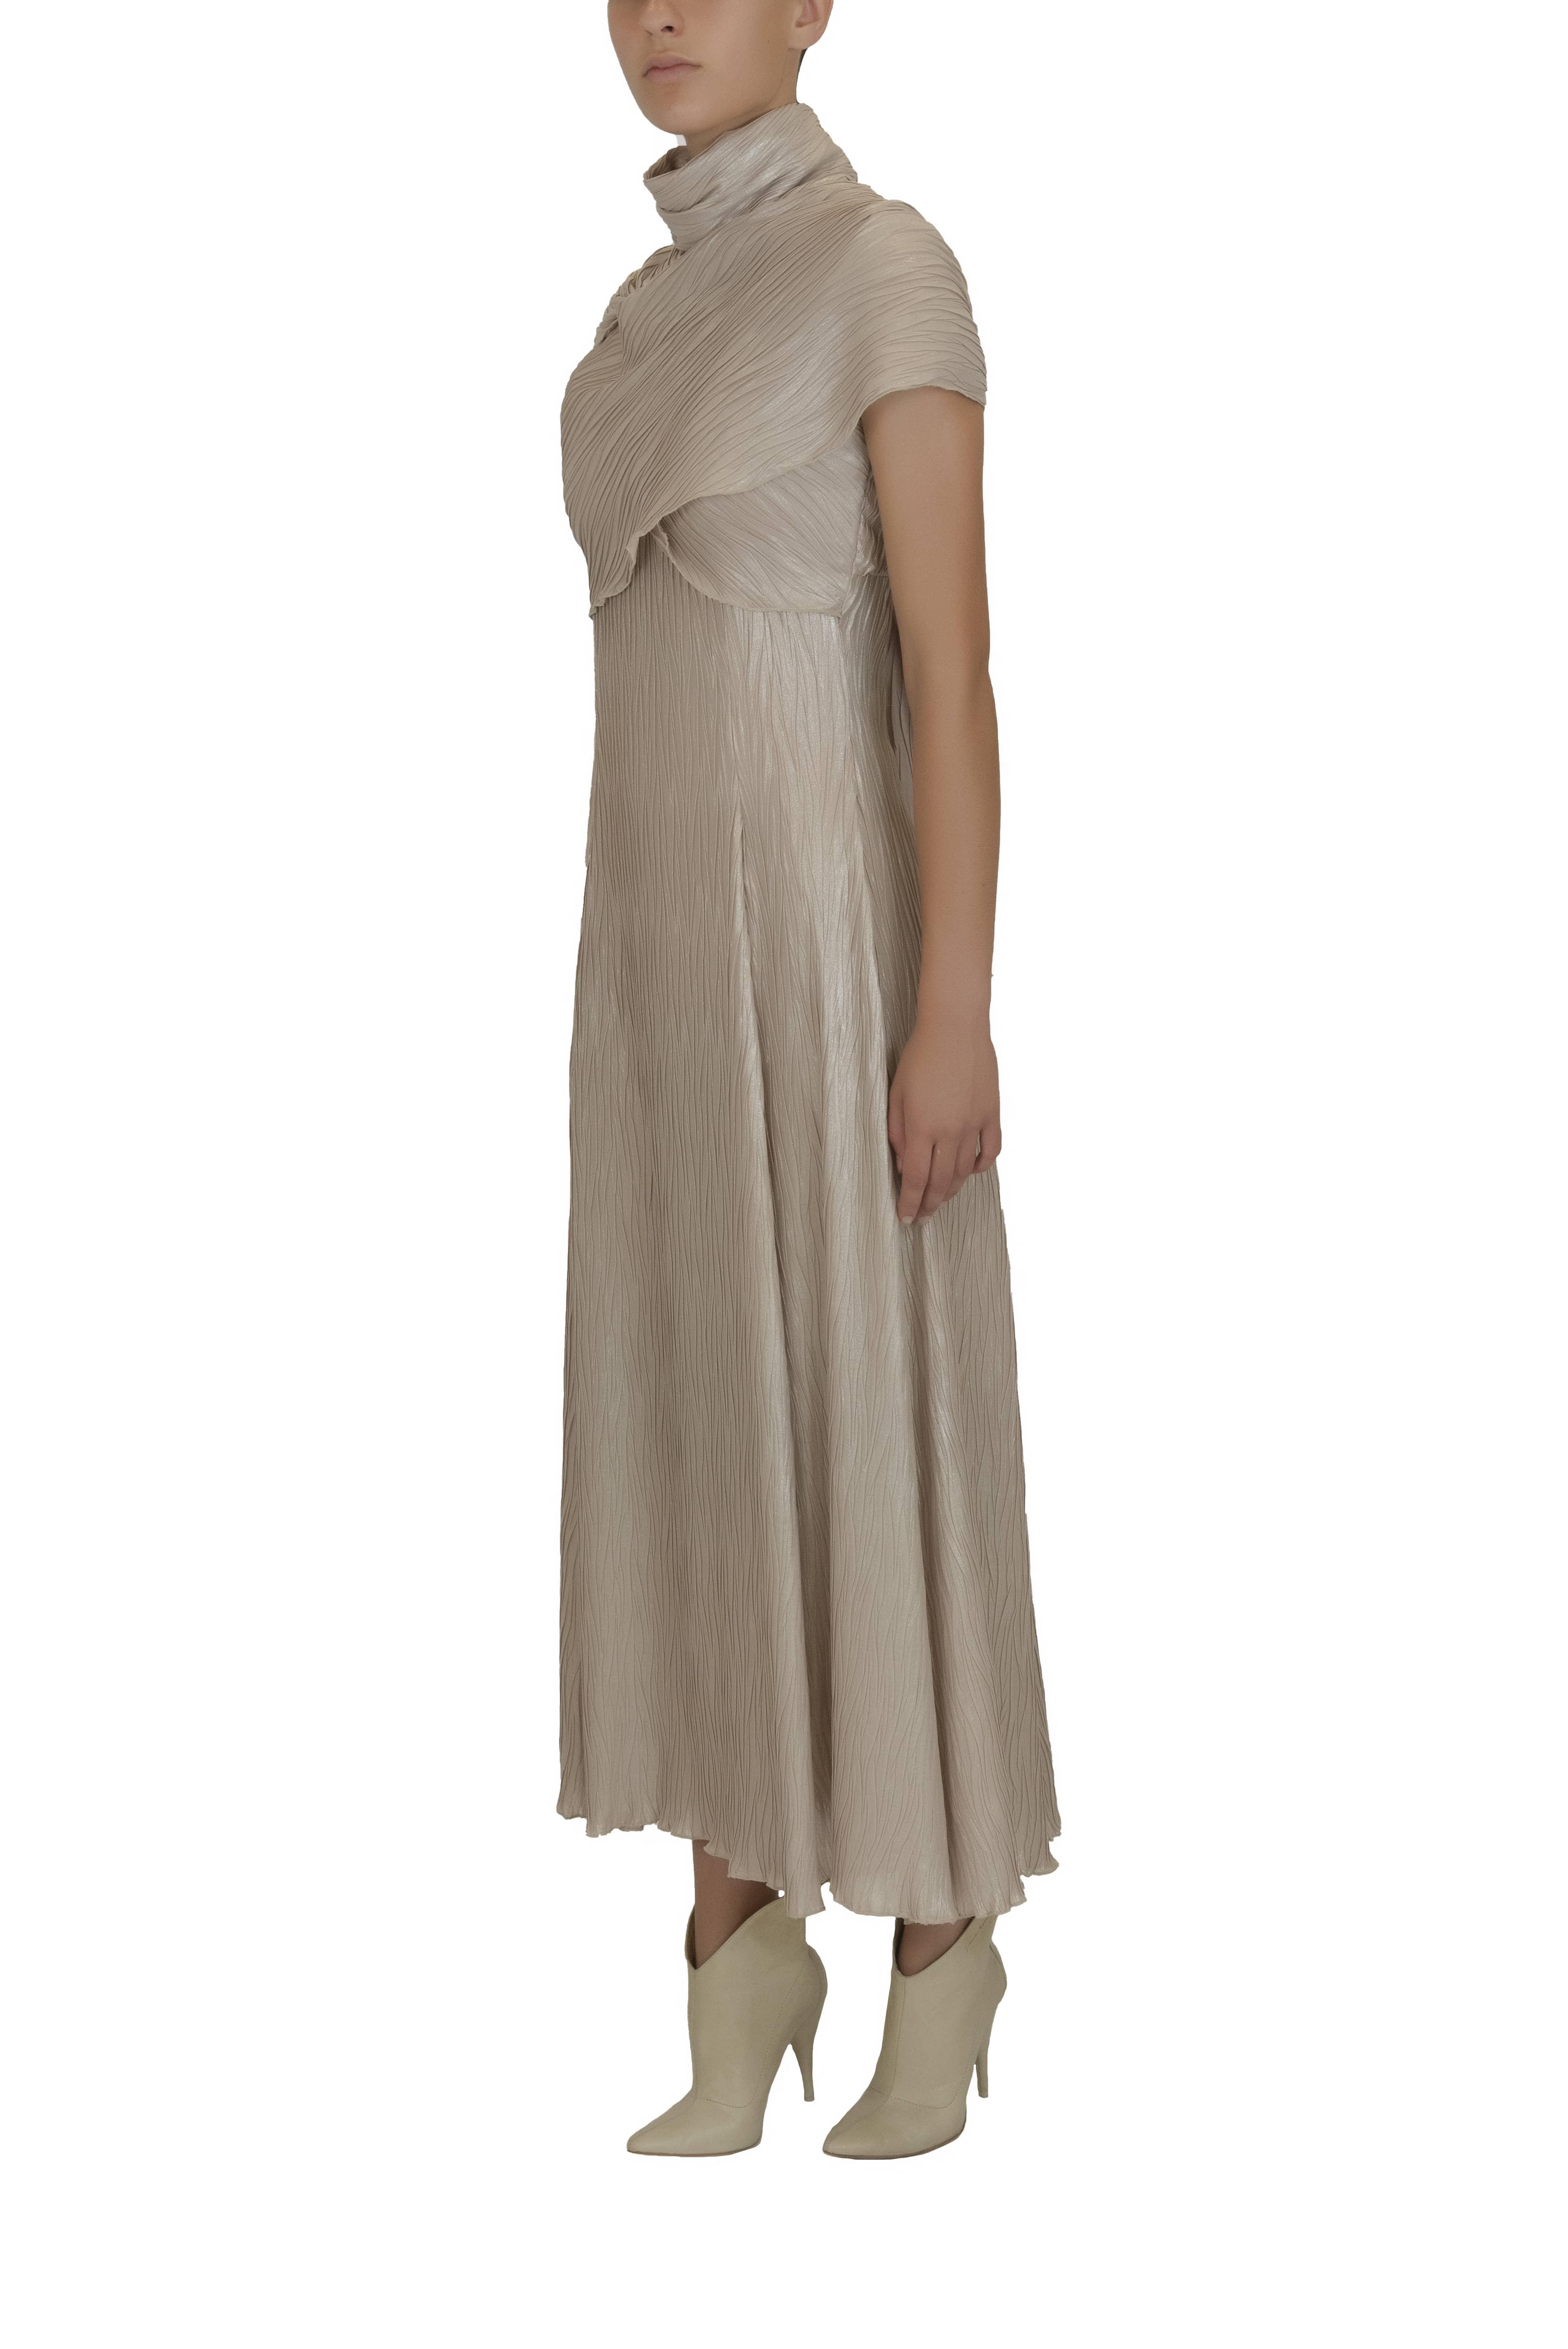 Vestido AOMORI 1